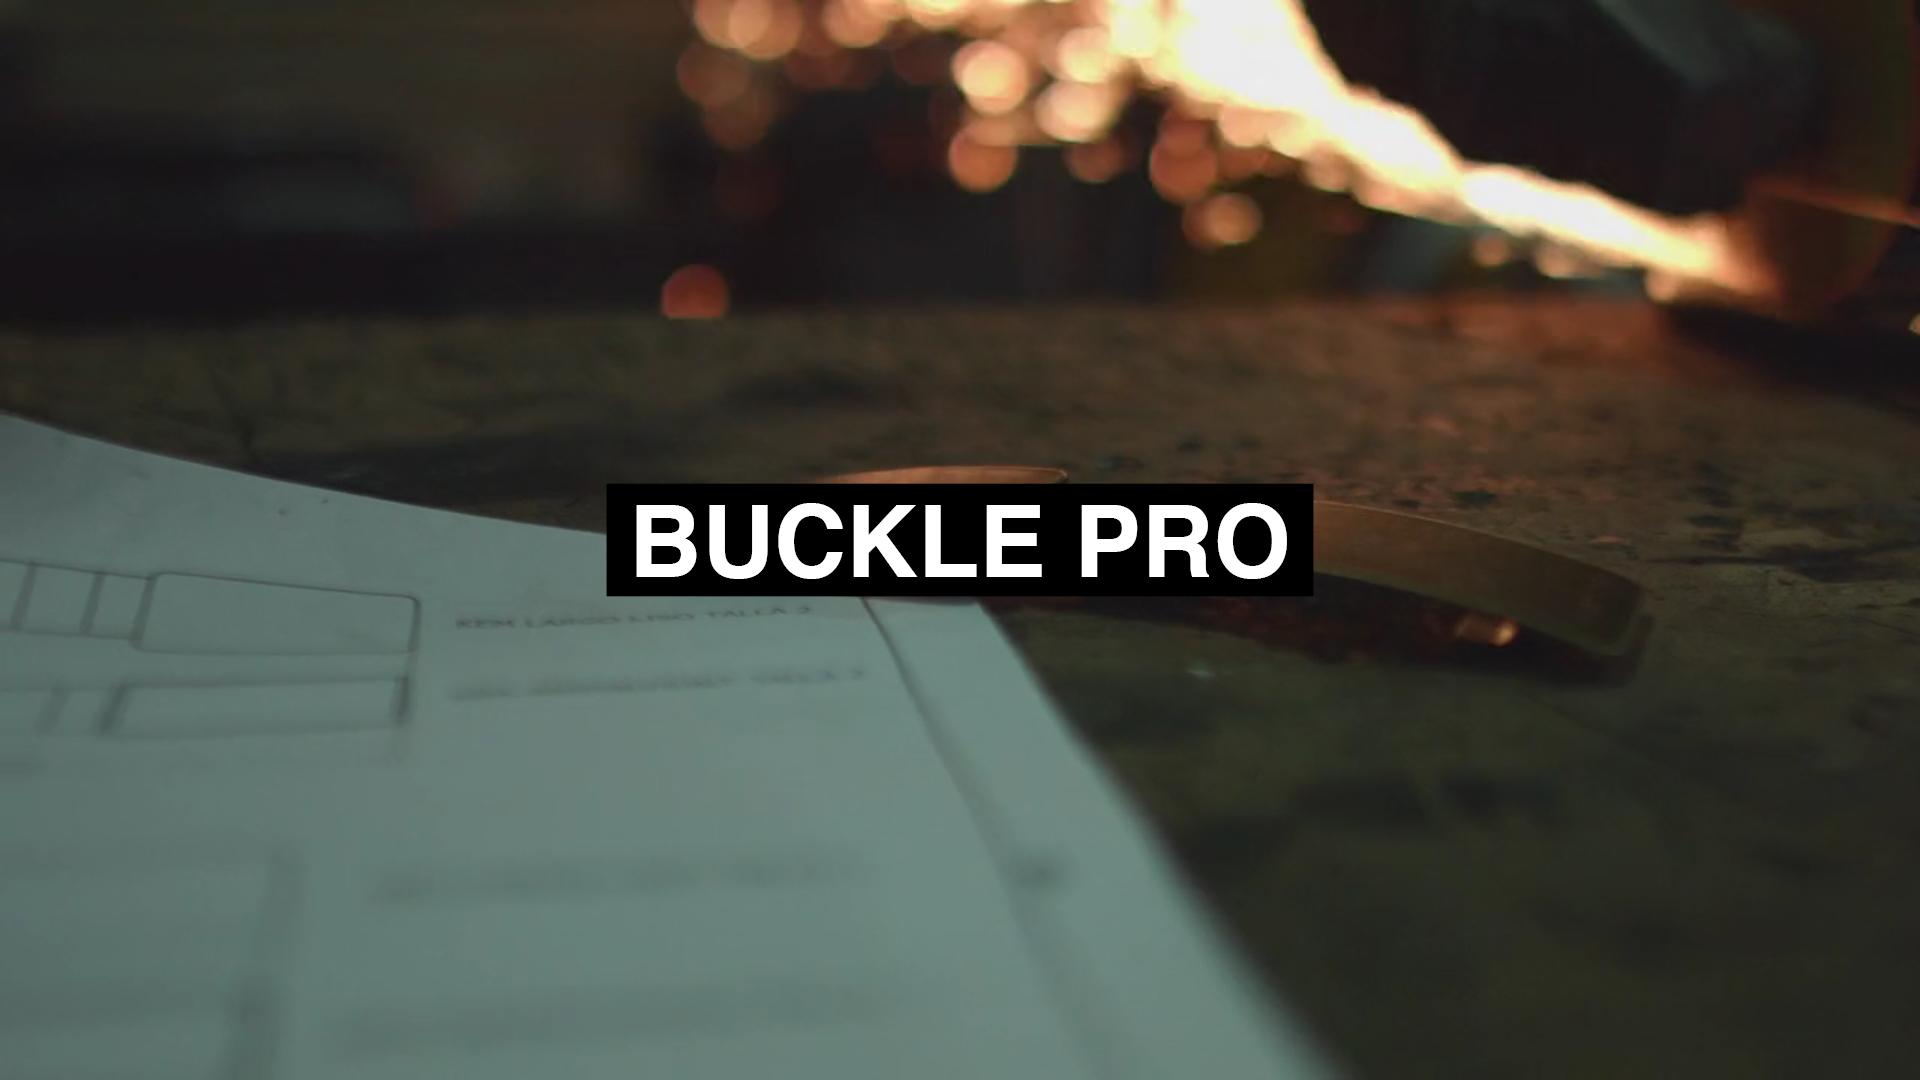 buckle pro.jpg